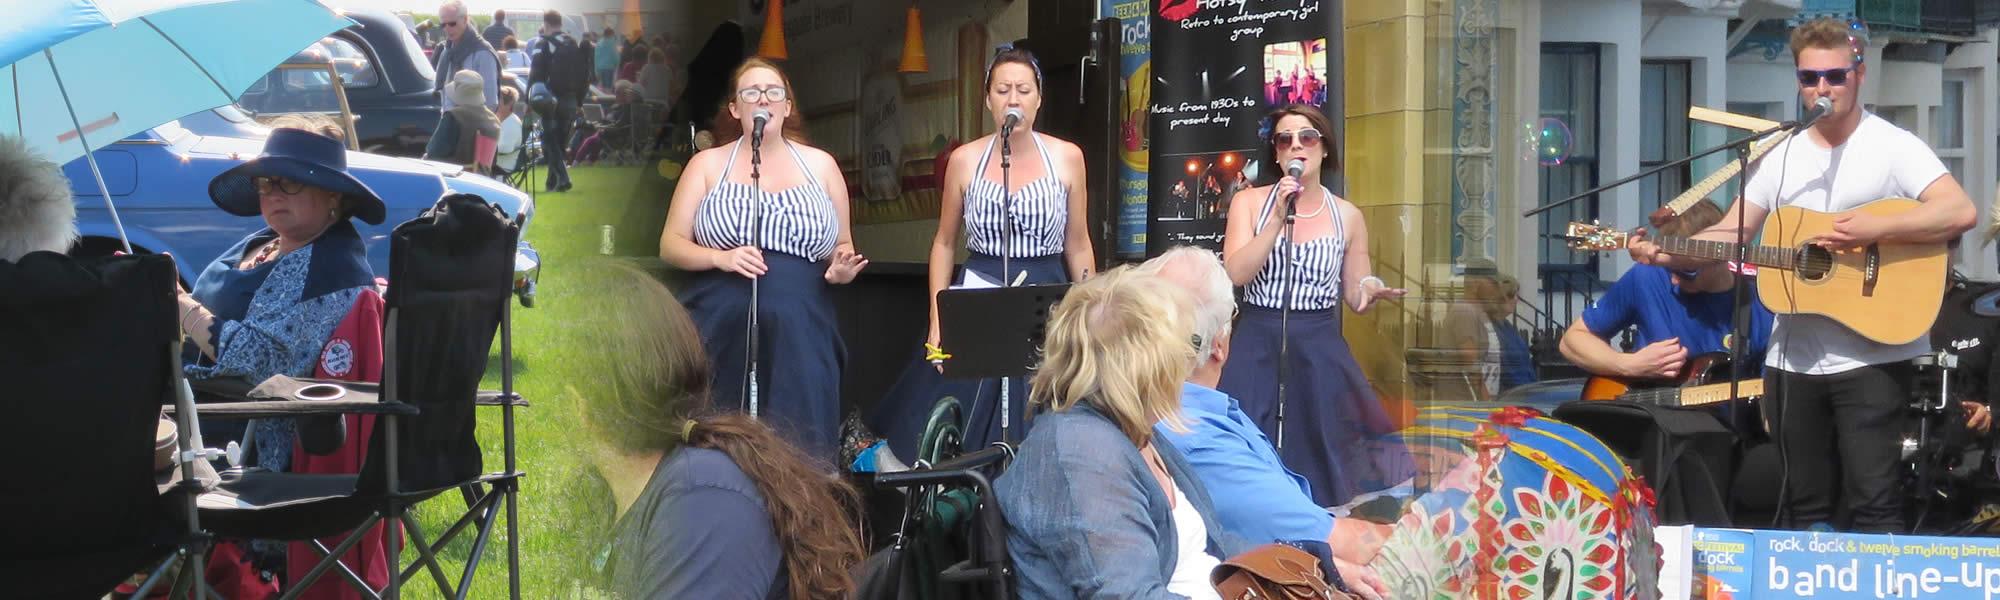 Ramsgate Events - Visit Ramsgate